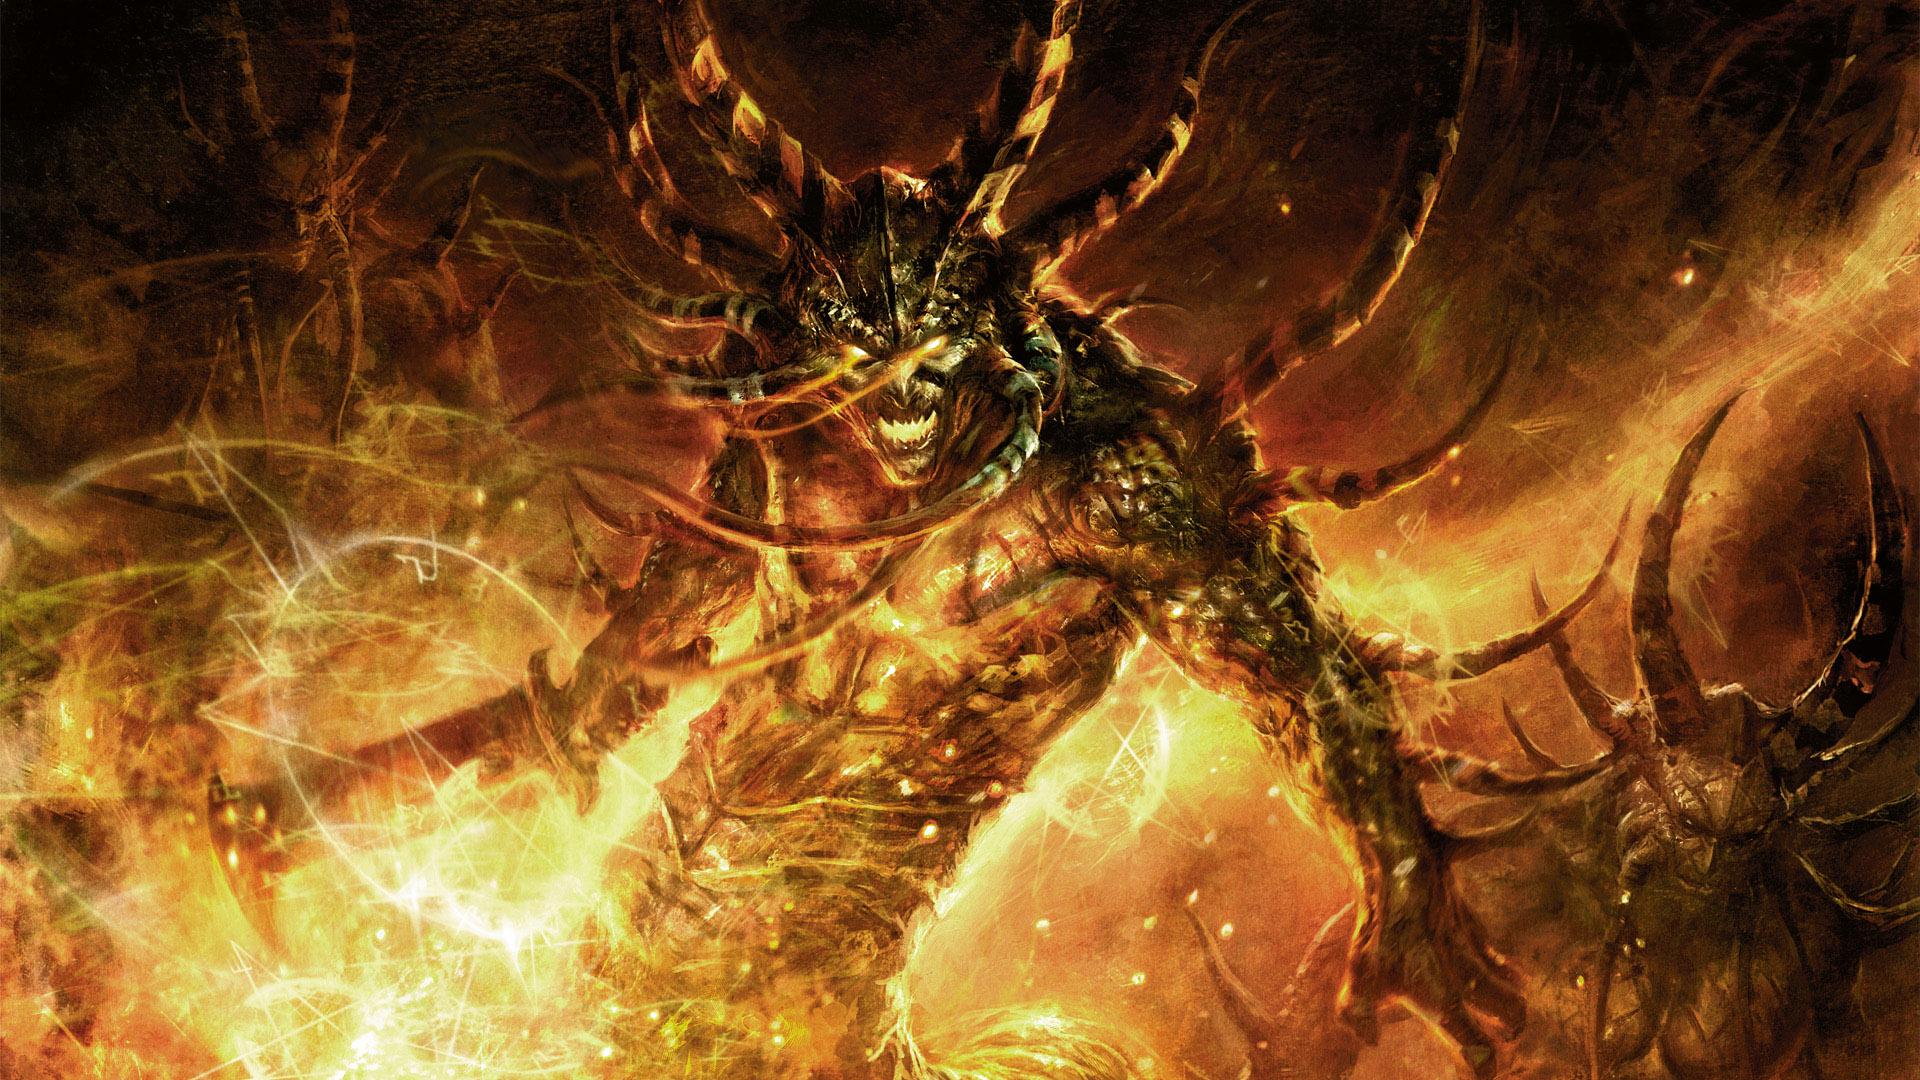 Demonic 3d pics porncraft picture